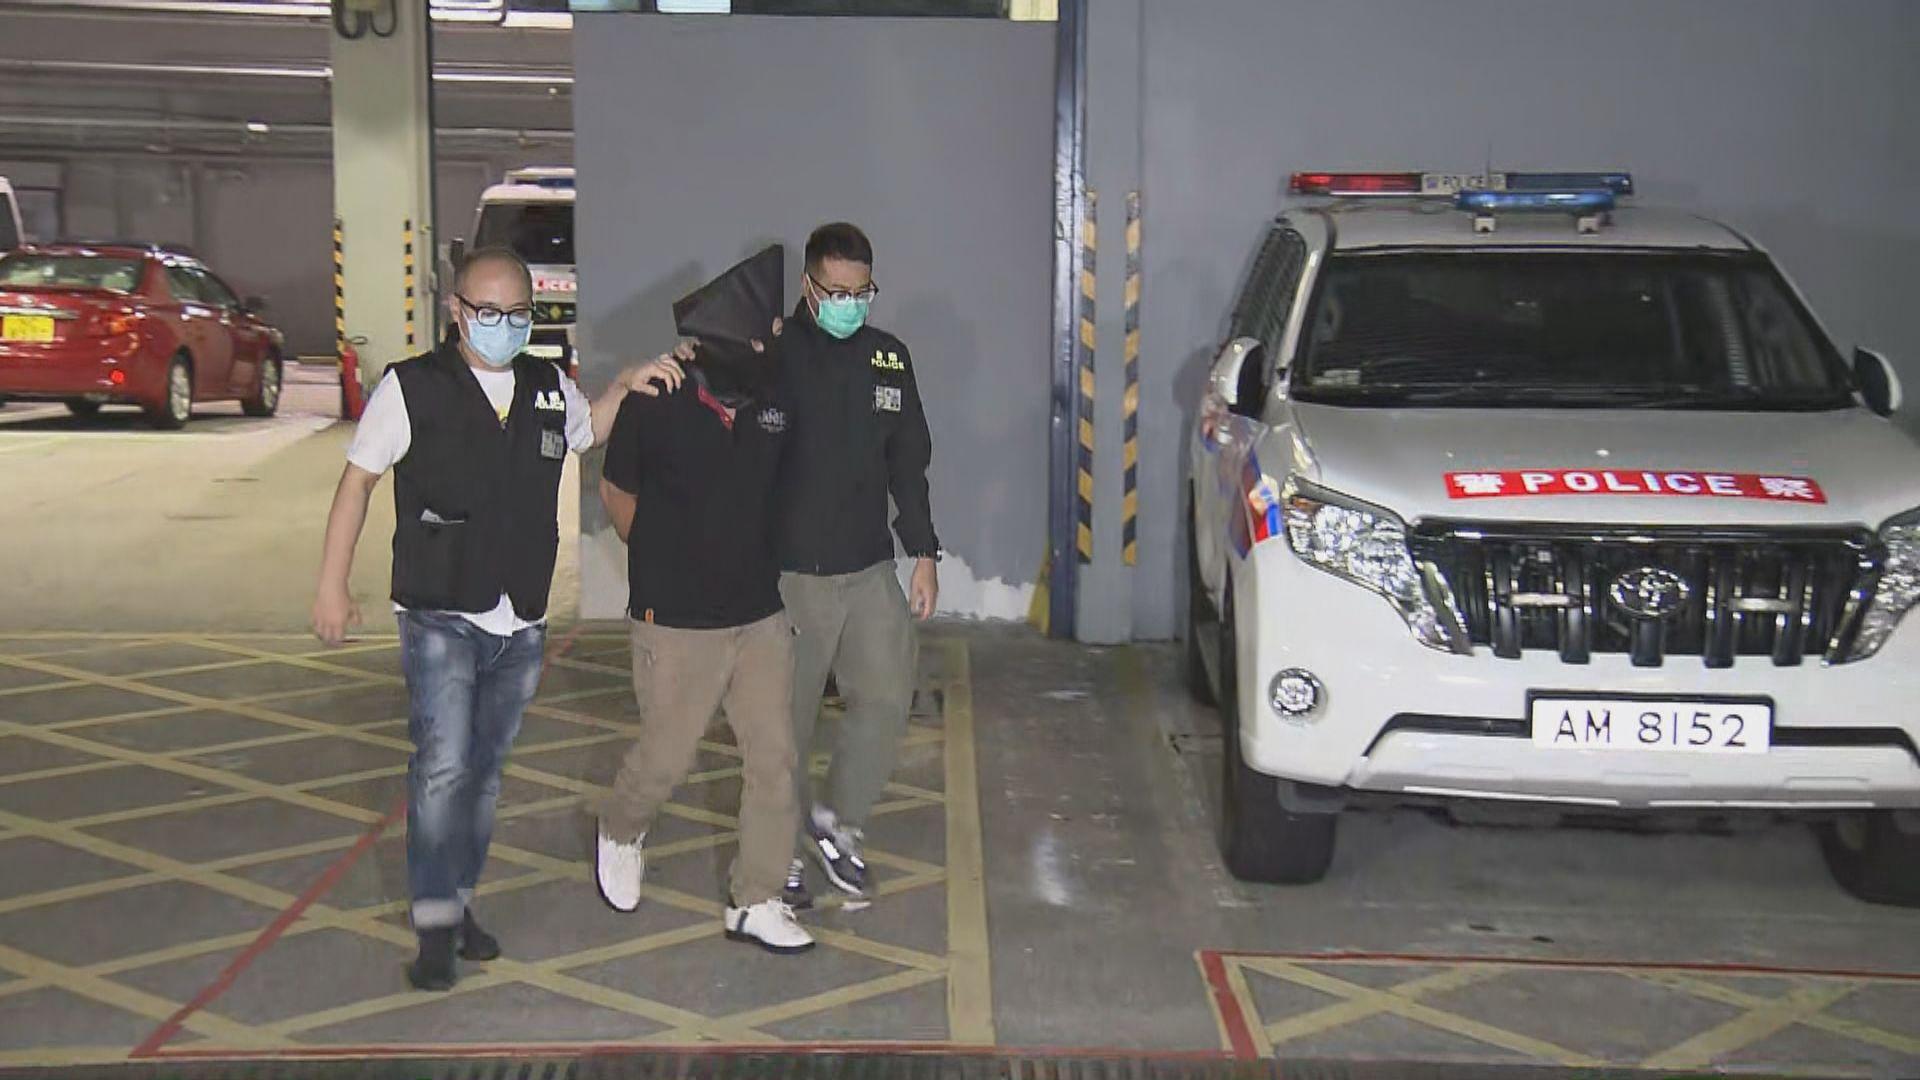 【十三個月前夕】721案再拘六男 涉暴動及串謀傷人